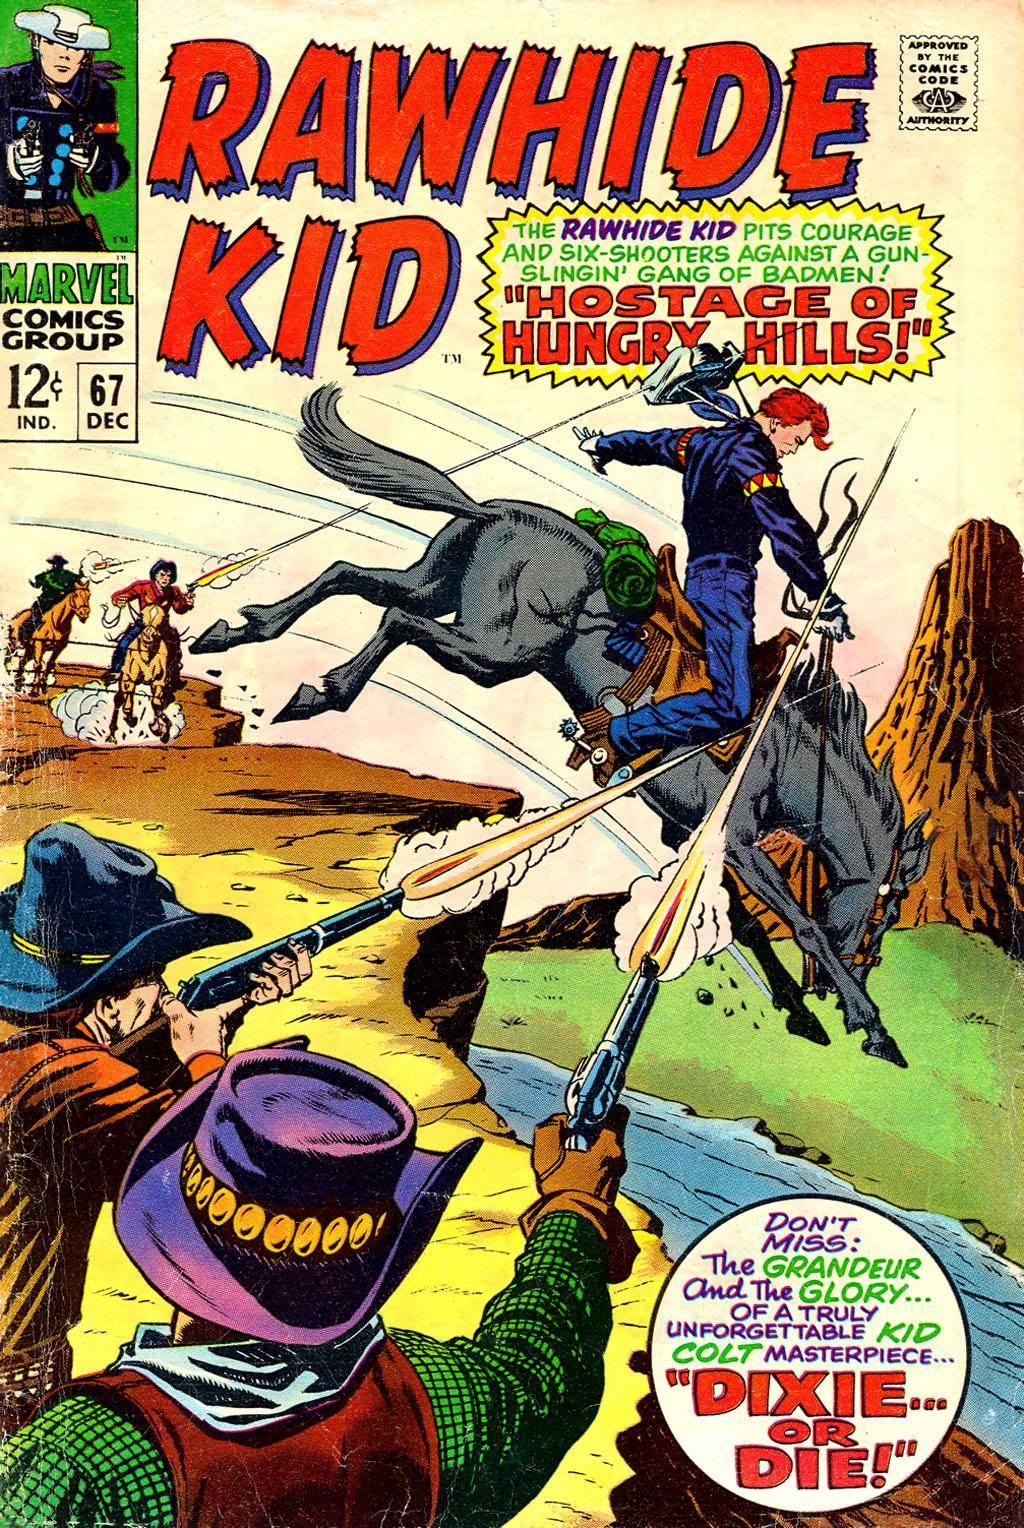 Rawhide Kid v1 067 1968